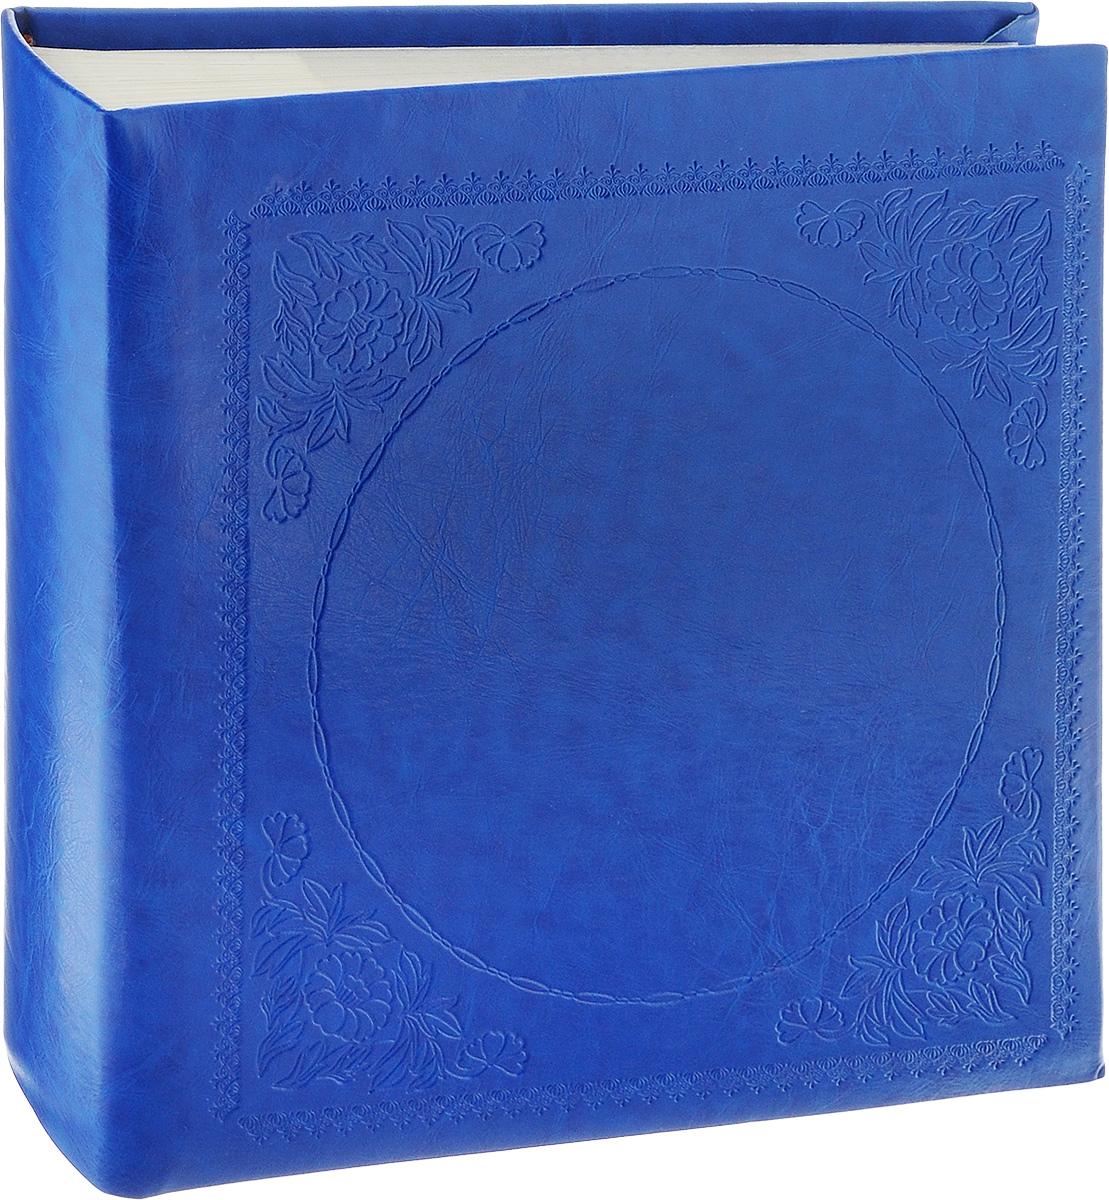 Фотоальбом Pioneer Glossy Leathern, 200 фотографий, цвет: синий, 10 x 15 смUP210DFФотоальбом Pioneer Glossy Leathern позволит вам запечатлеть незабываемые моменты вашей жизни, сохранить свои истории и воспоминания на его страницах. Обложка из толстого картона обтянута искусственной кожей и оформлена декоративным тиснением. Фотоальбом рассчитан на 200 фотографий форматом 10 x 15 см (по 2 на странице). Имеются поля для подписей. Такой необычный фотоальбом позволит легко заполнить страницы вашей истории, и с годами ничего не забудется.Тип обложки: Делюкс (Искусственная кожа).Страницы: Бумажные.Тип переплета: Книжный.Кол-во фотографий: 200.Материалы, использованные в изготовлении альбома, обеспечивают высокое качество хранения ваших фотографий, поэтому фотографии не желтеют со временем.